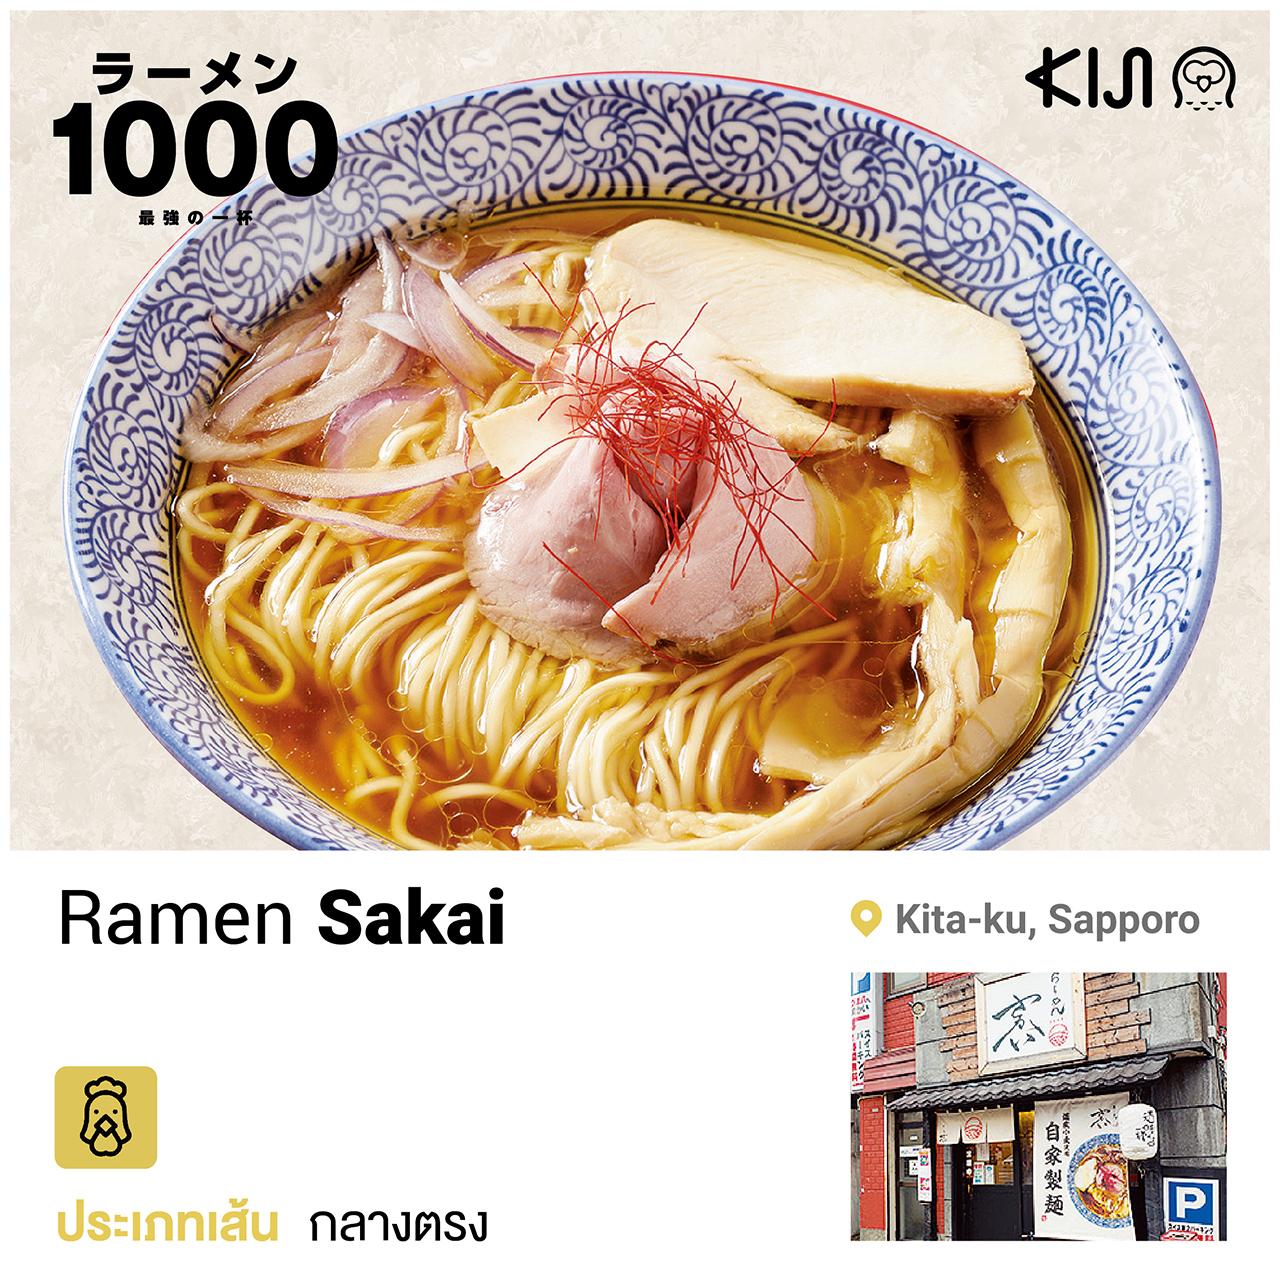 ร้านราเมน เขตคิตะ เมืองซัปโปโร จ.ฮอกไกโด - Ramen Sakai